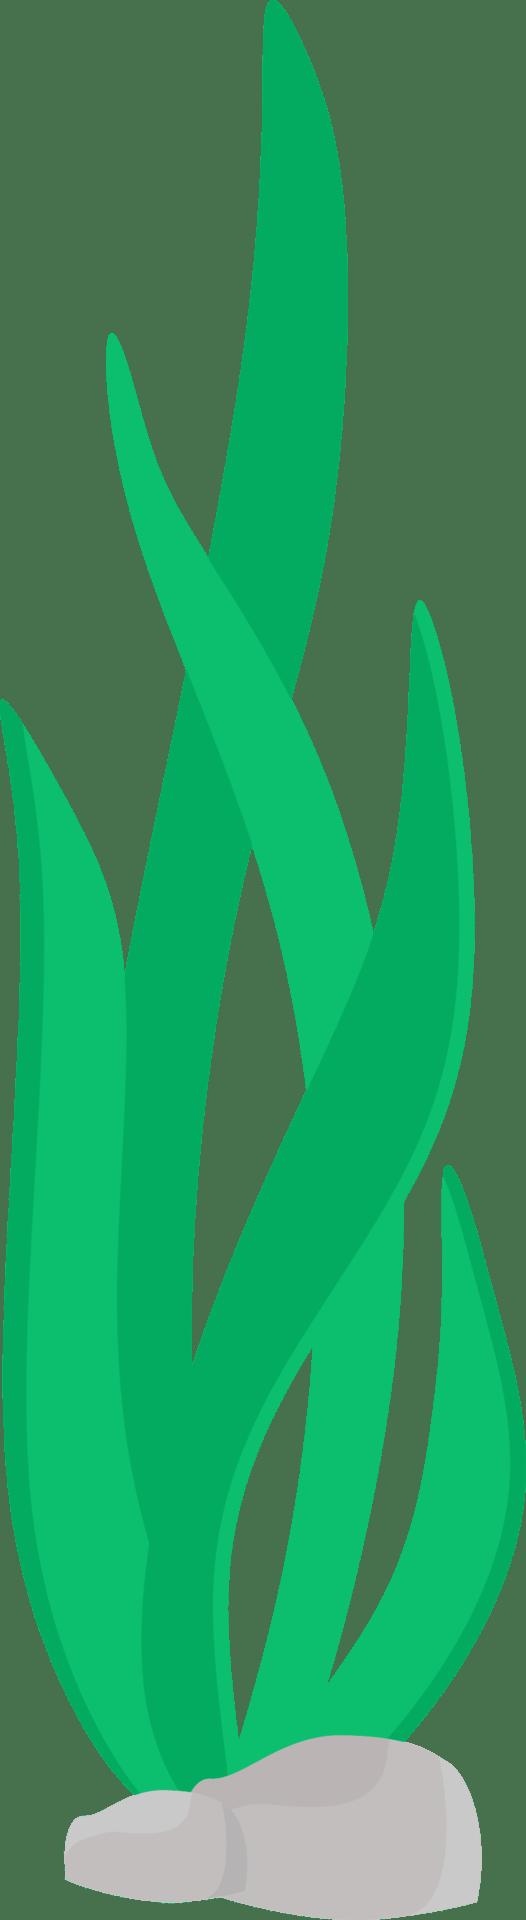 medium resolution of 526x1920 seaweed beachy dreams seaweed